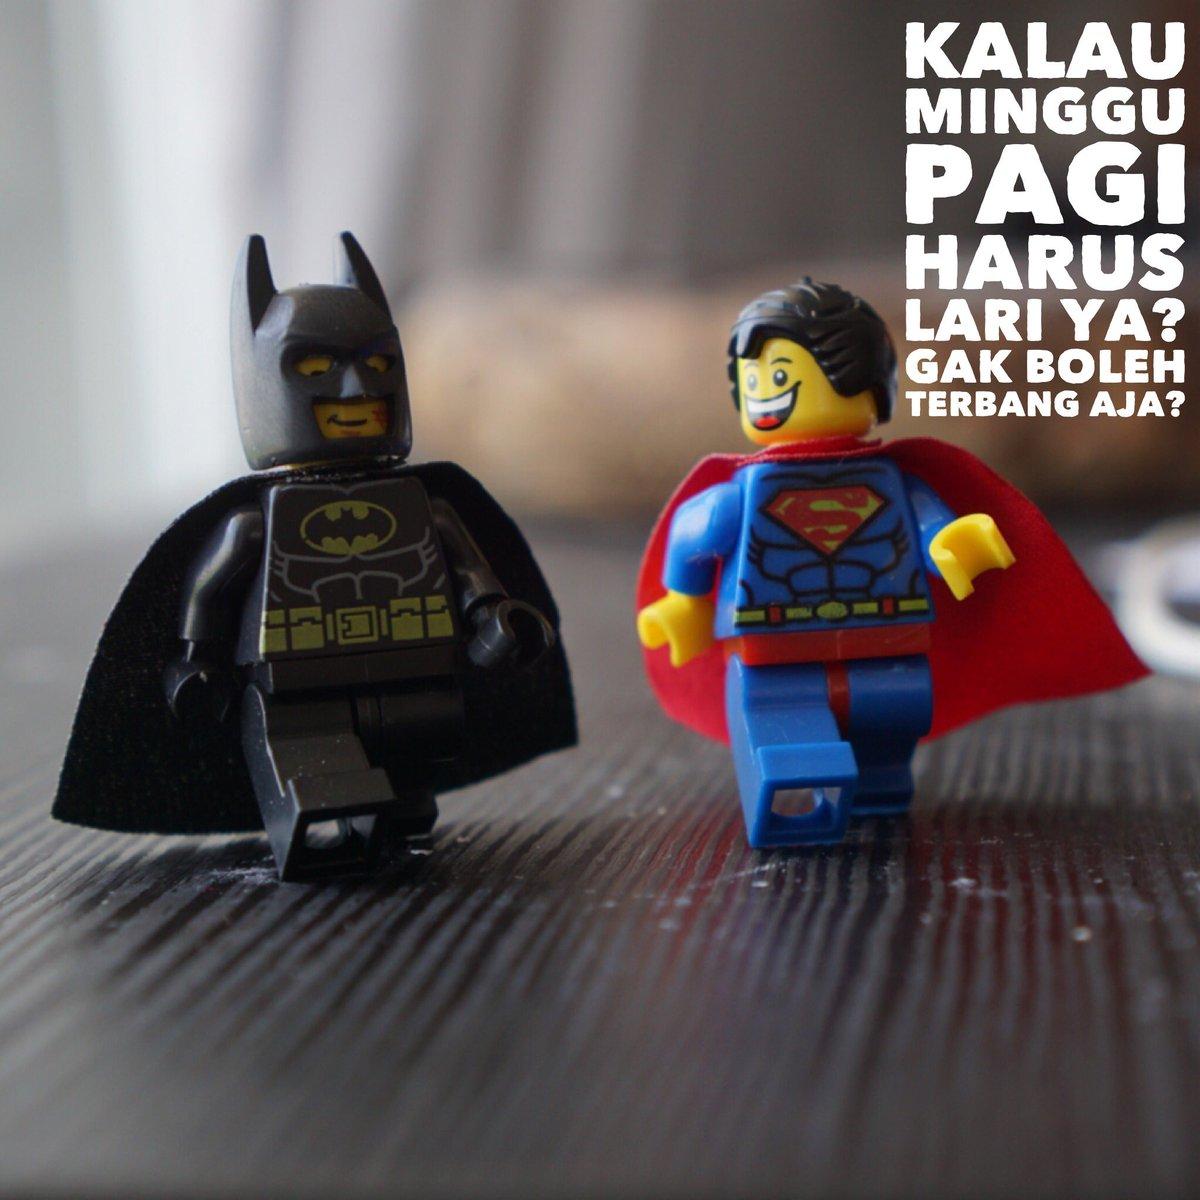 Trolling Batman banget? https://t.co/XoubyE4E3K